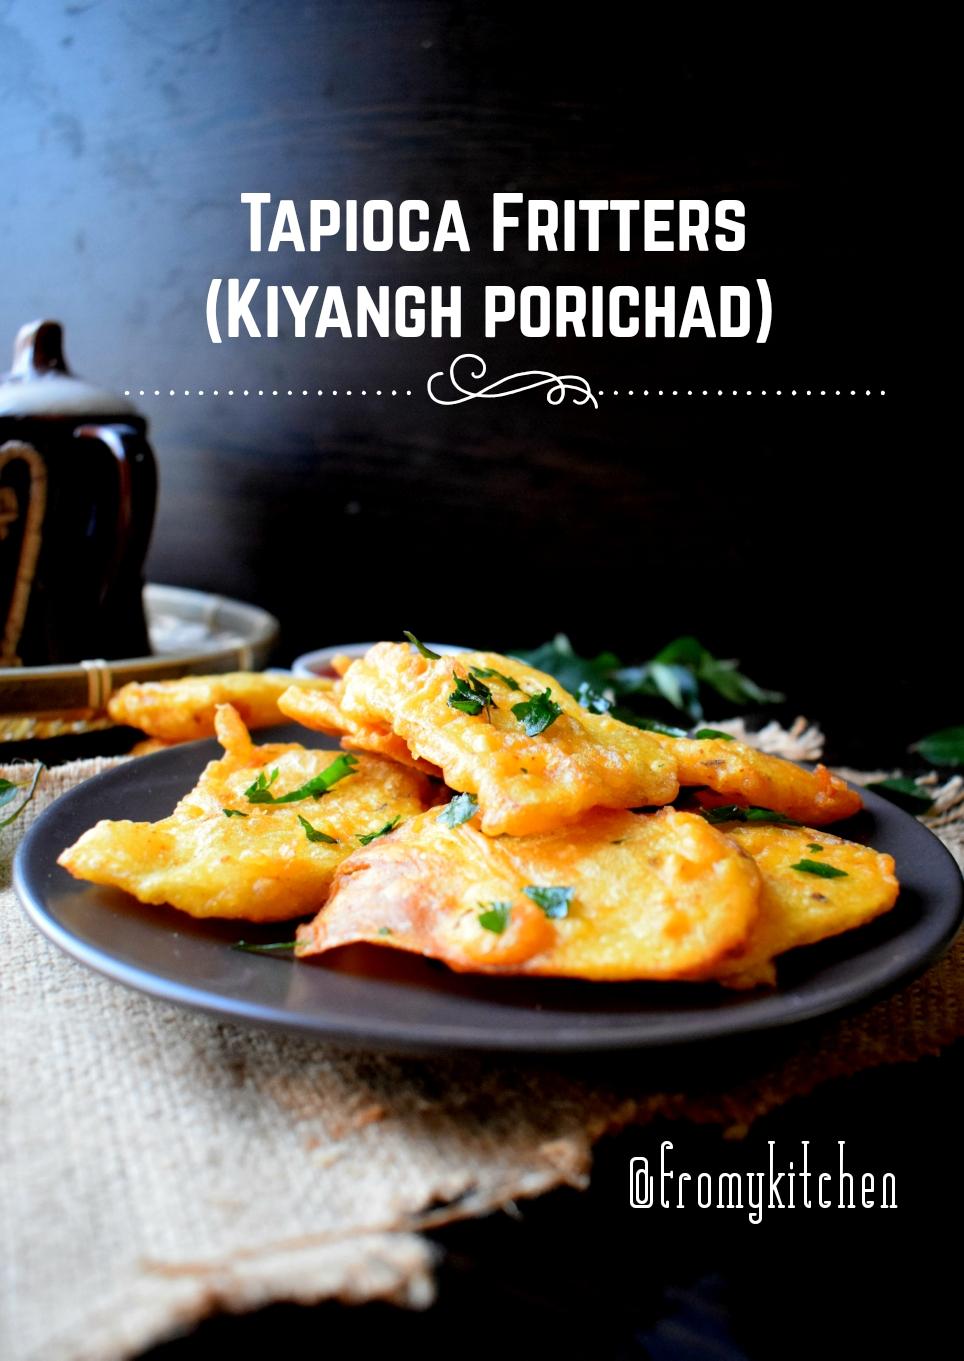 Tapioca Fritters / Kiyang Porichad